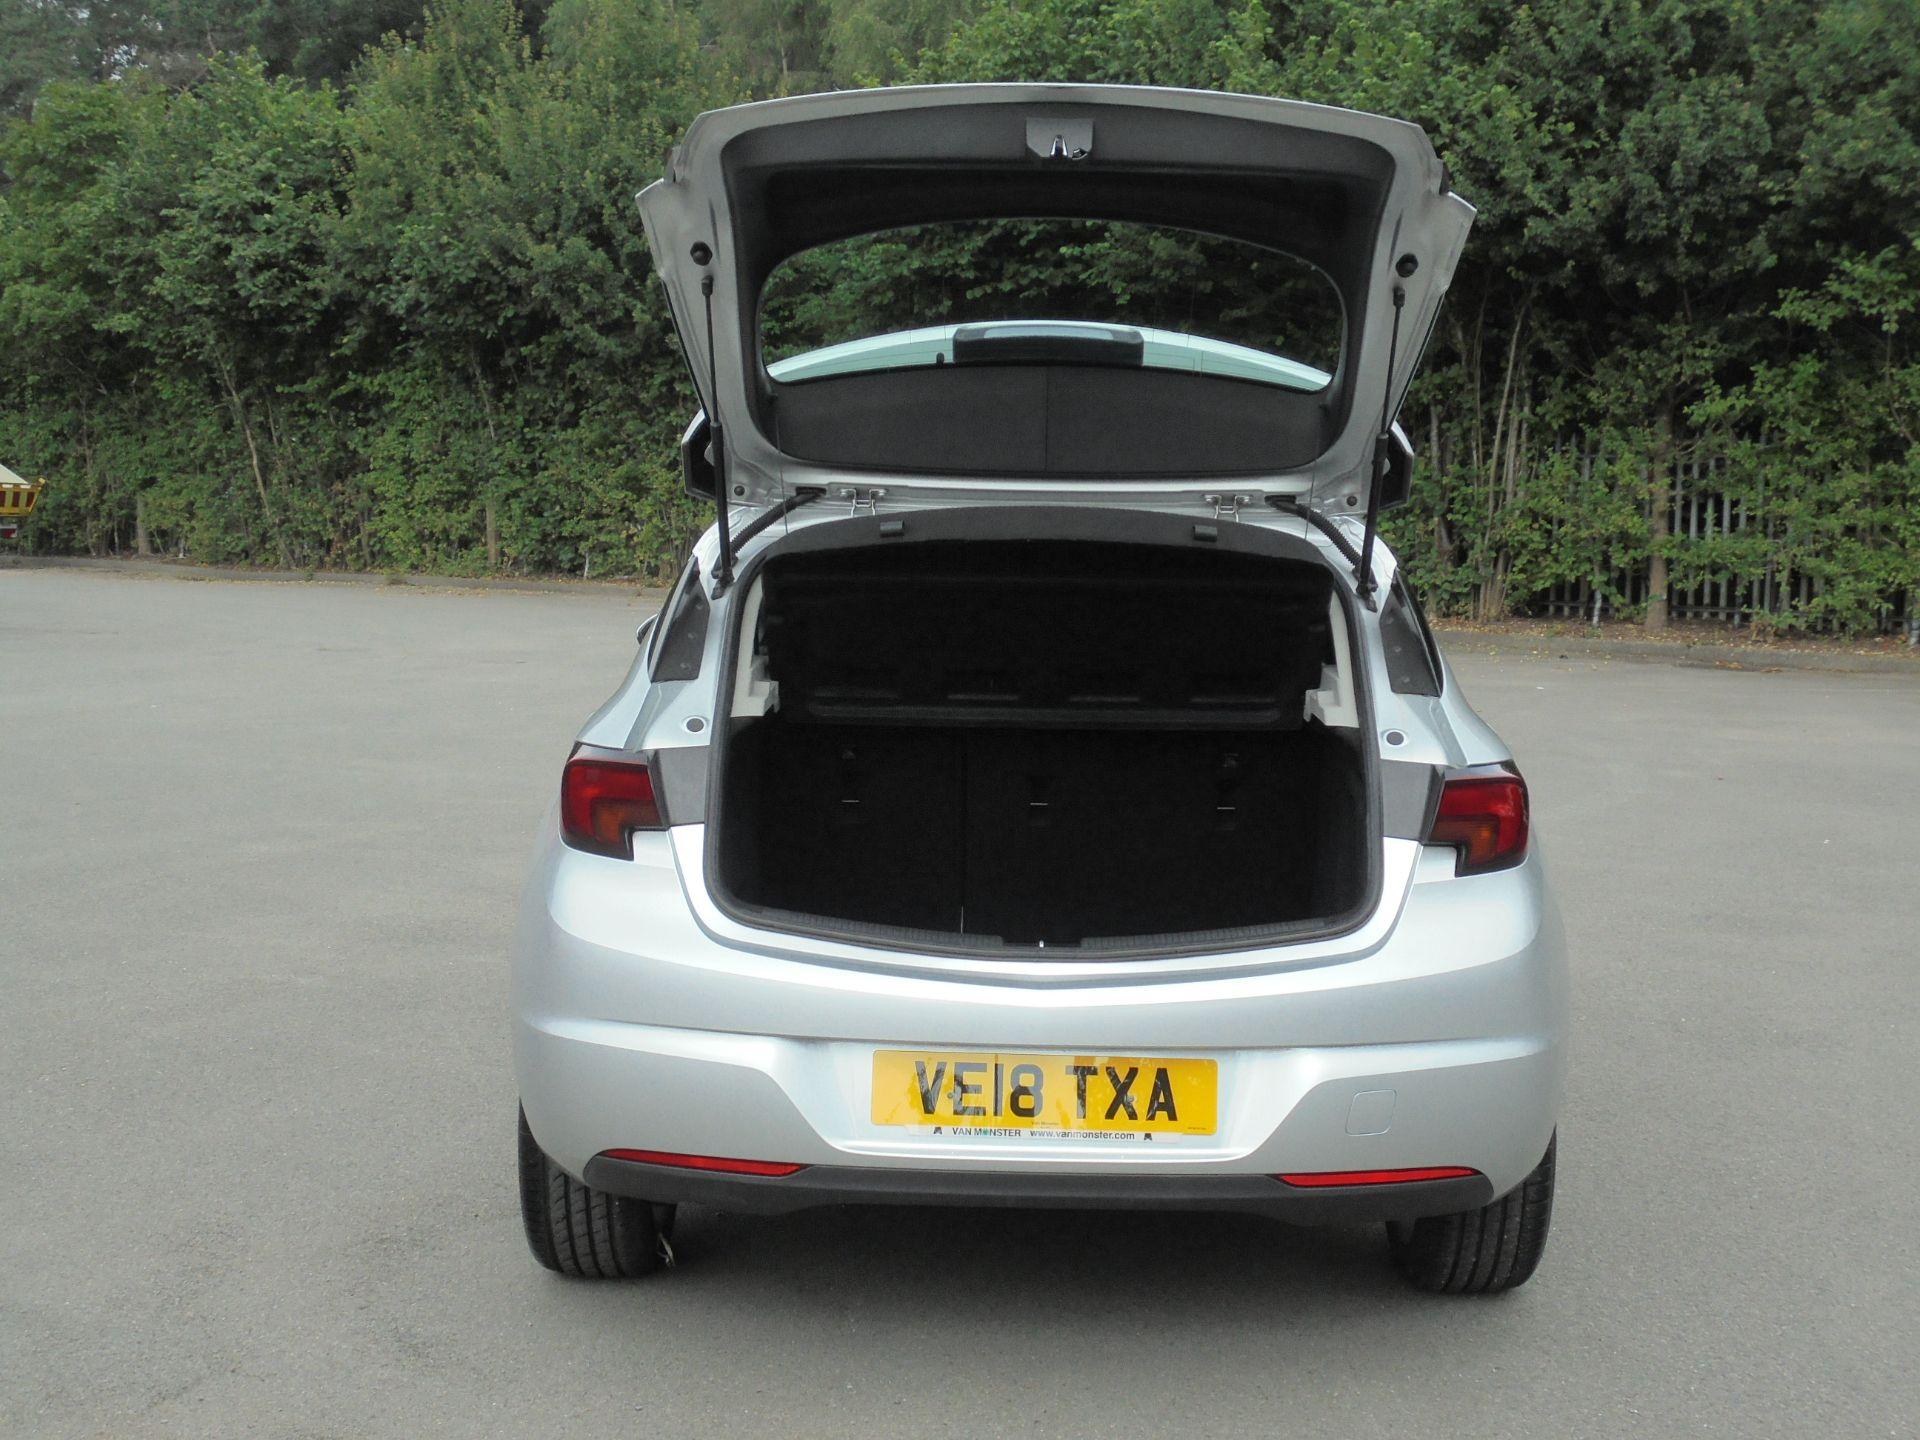 2018 Vauxhall Astra 1.6 Cdti 16V Ecoflex Sri Nav 5Dr (VE18TXA) Image 8